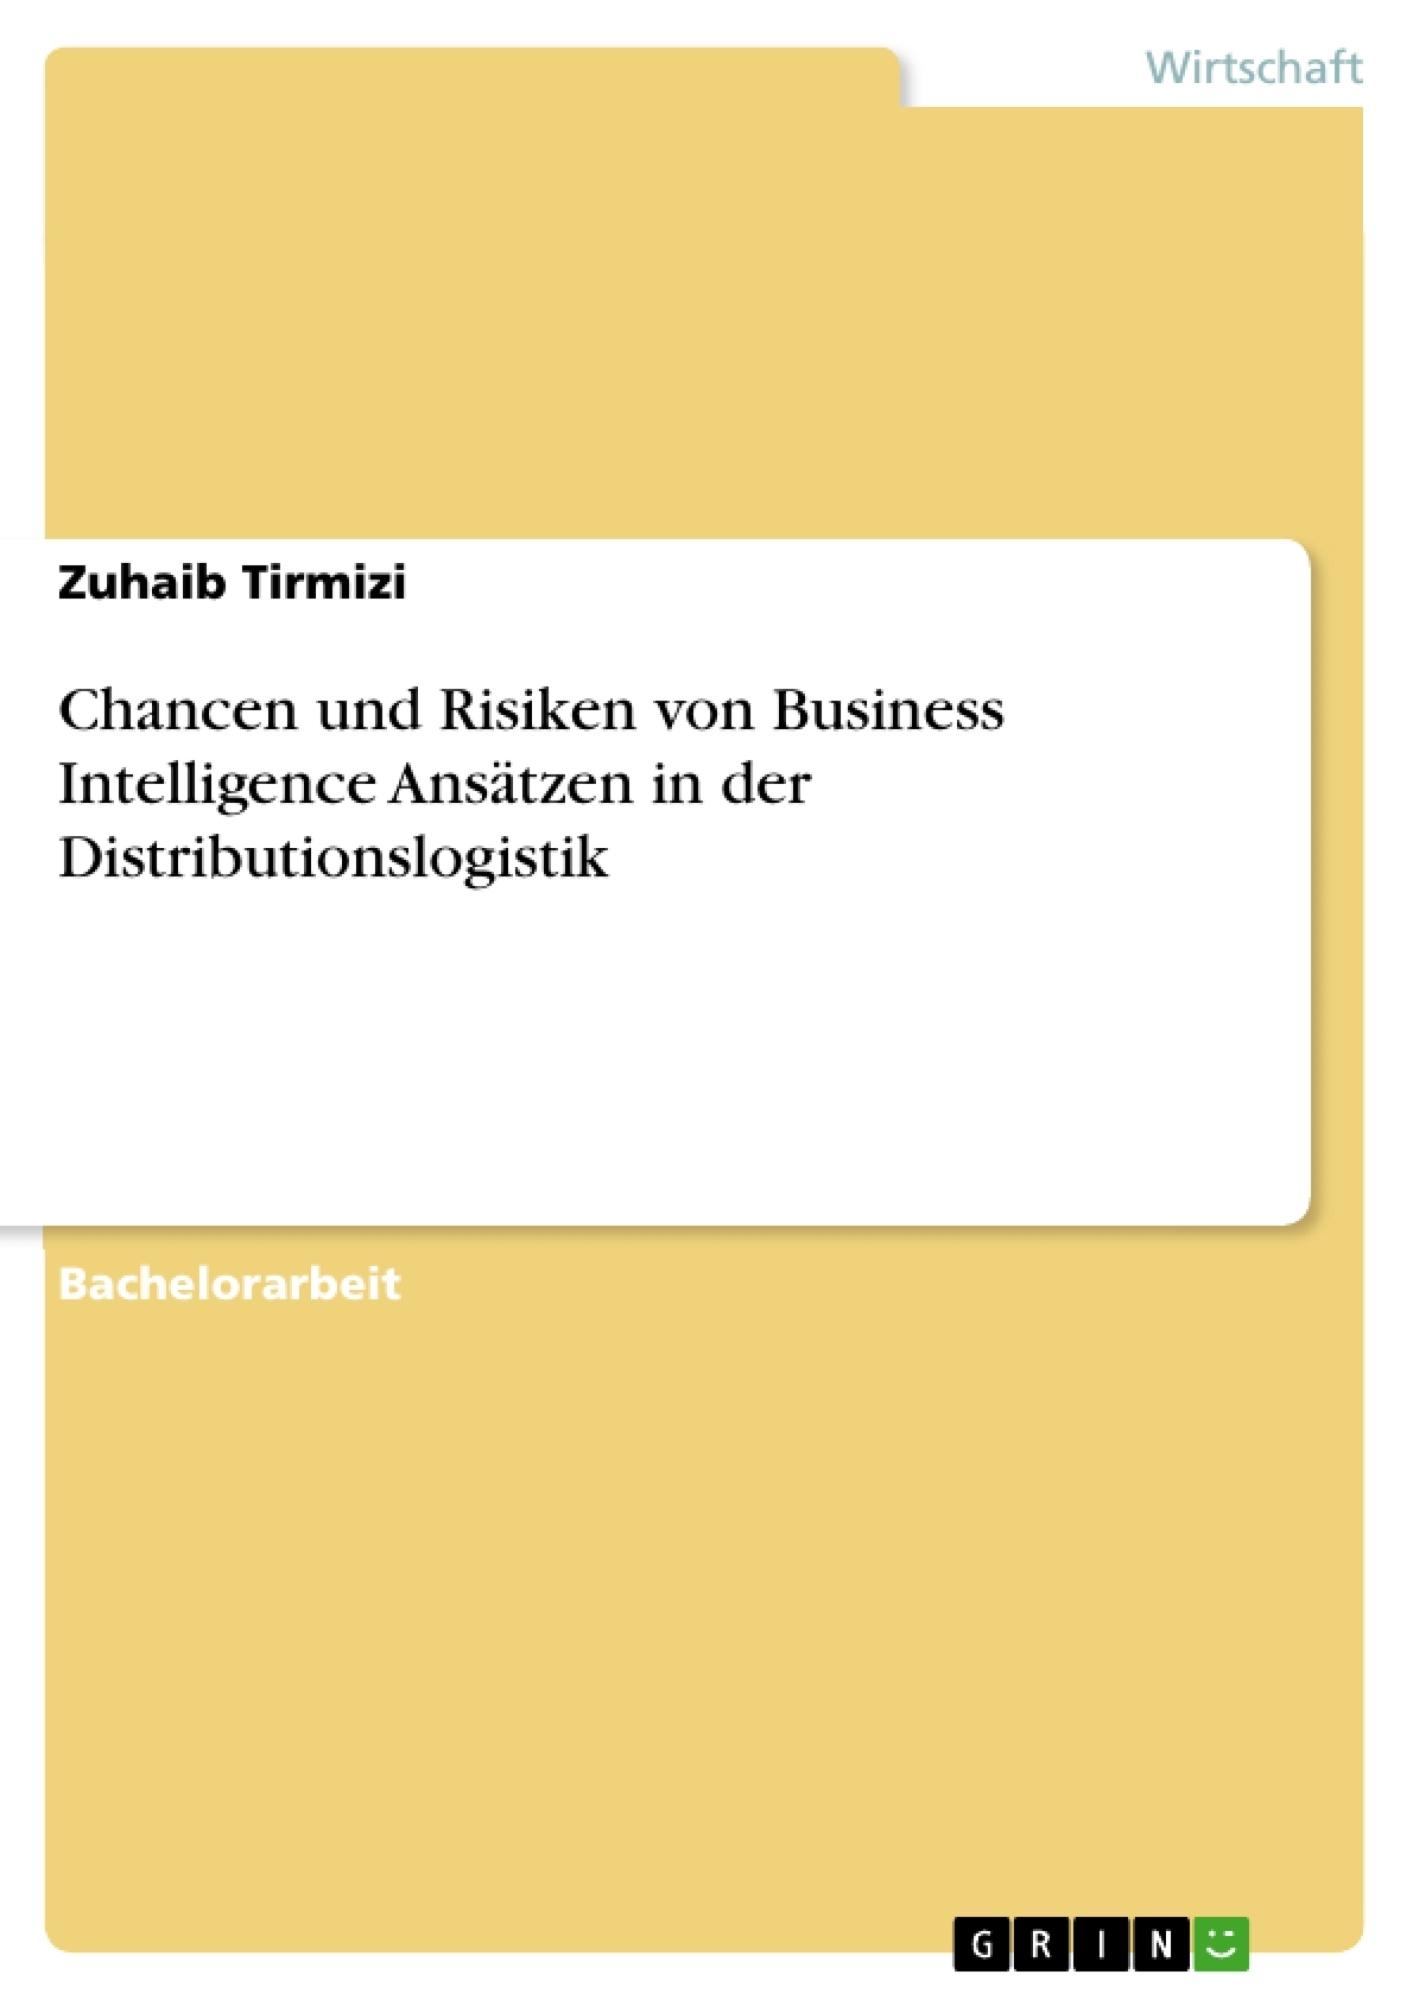 Titel: Chancen und Risiken von Business Intelligence Ansätzen in der Distributionslogistik